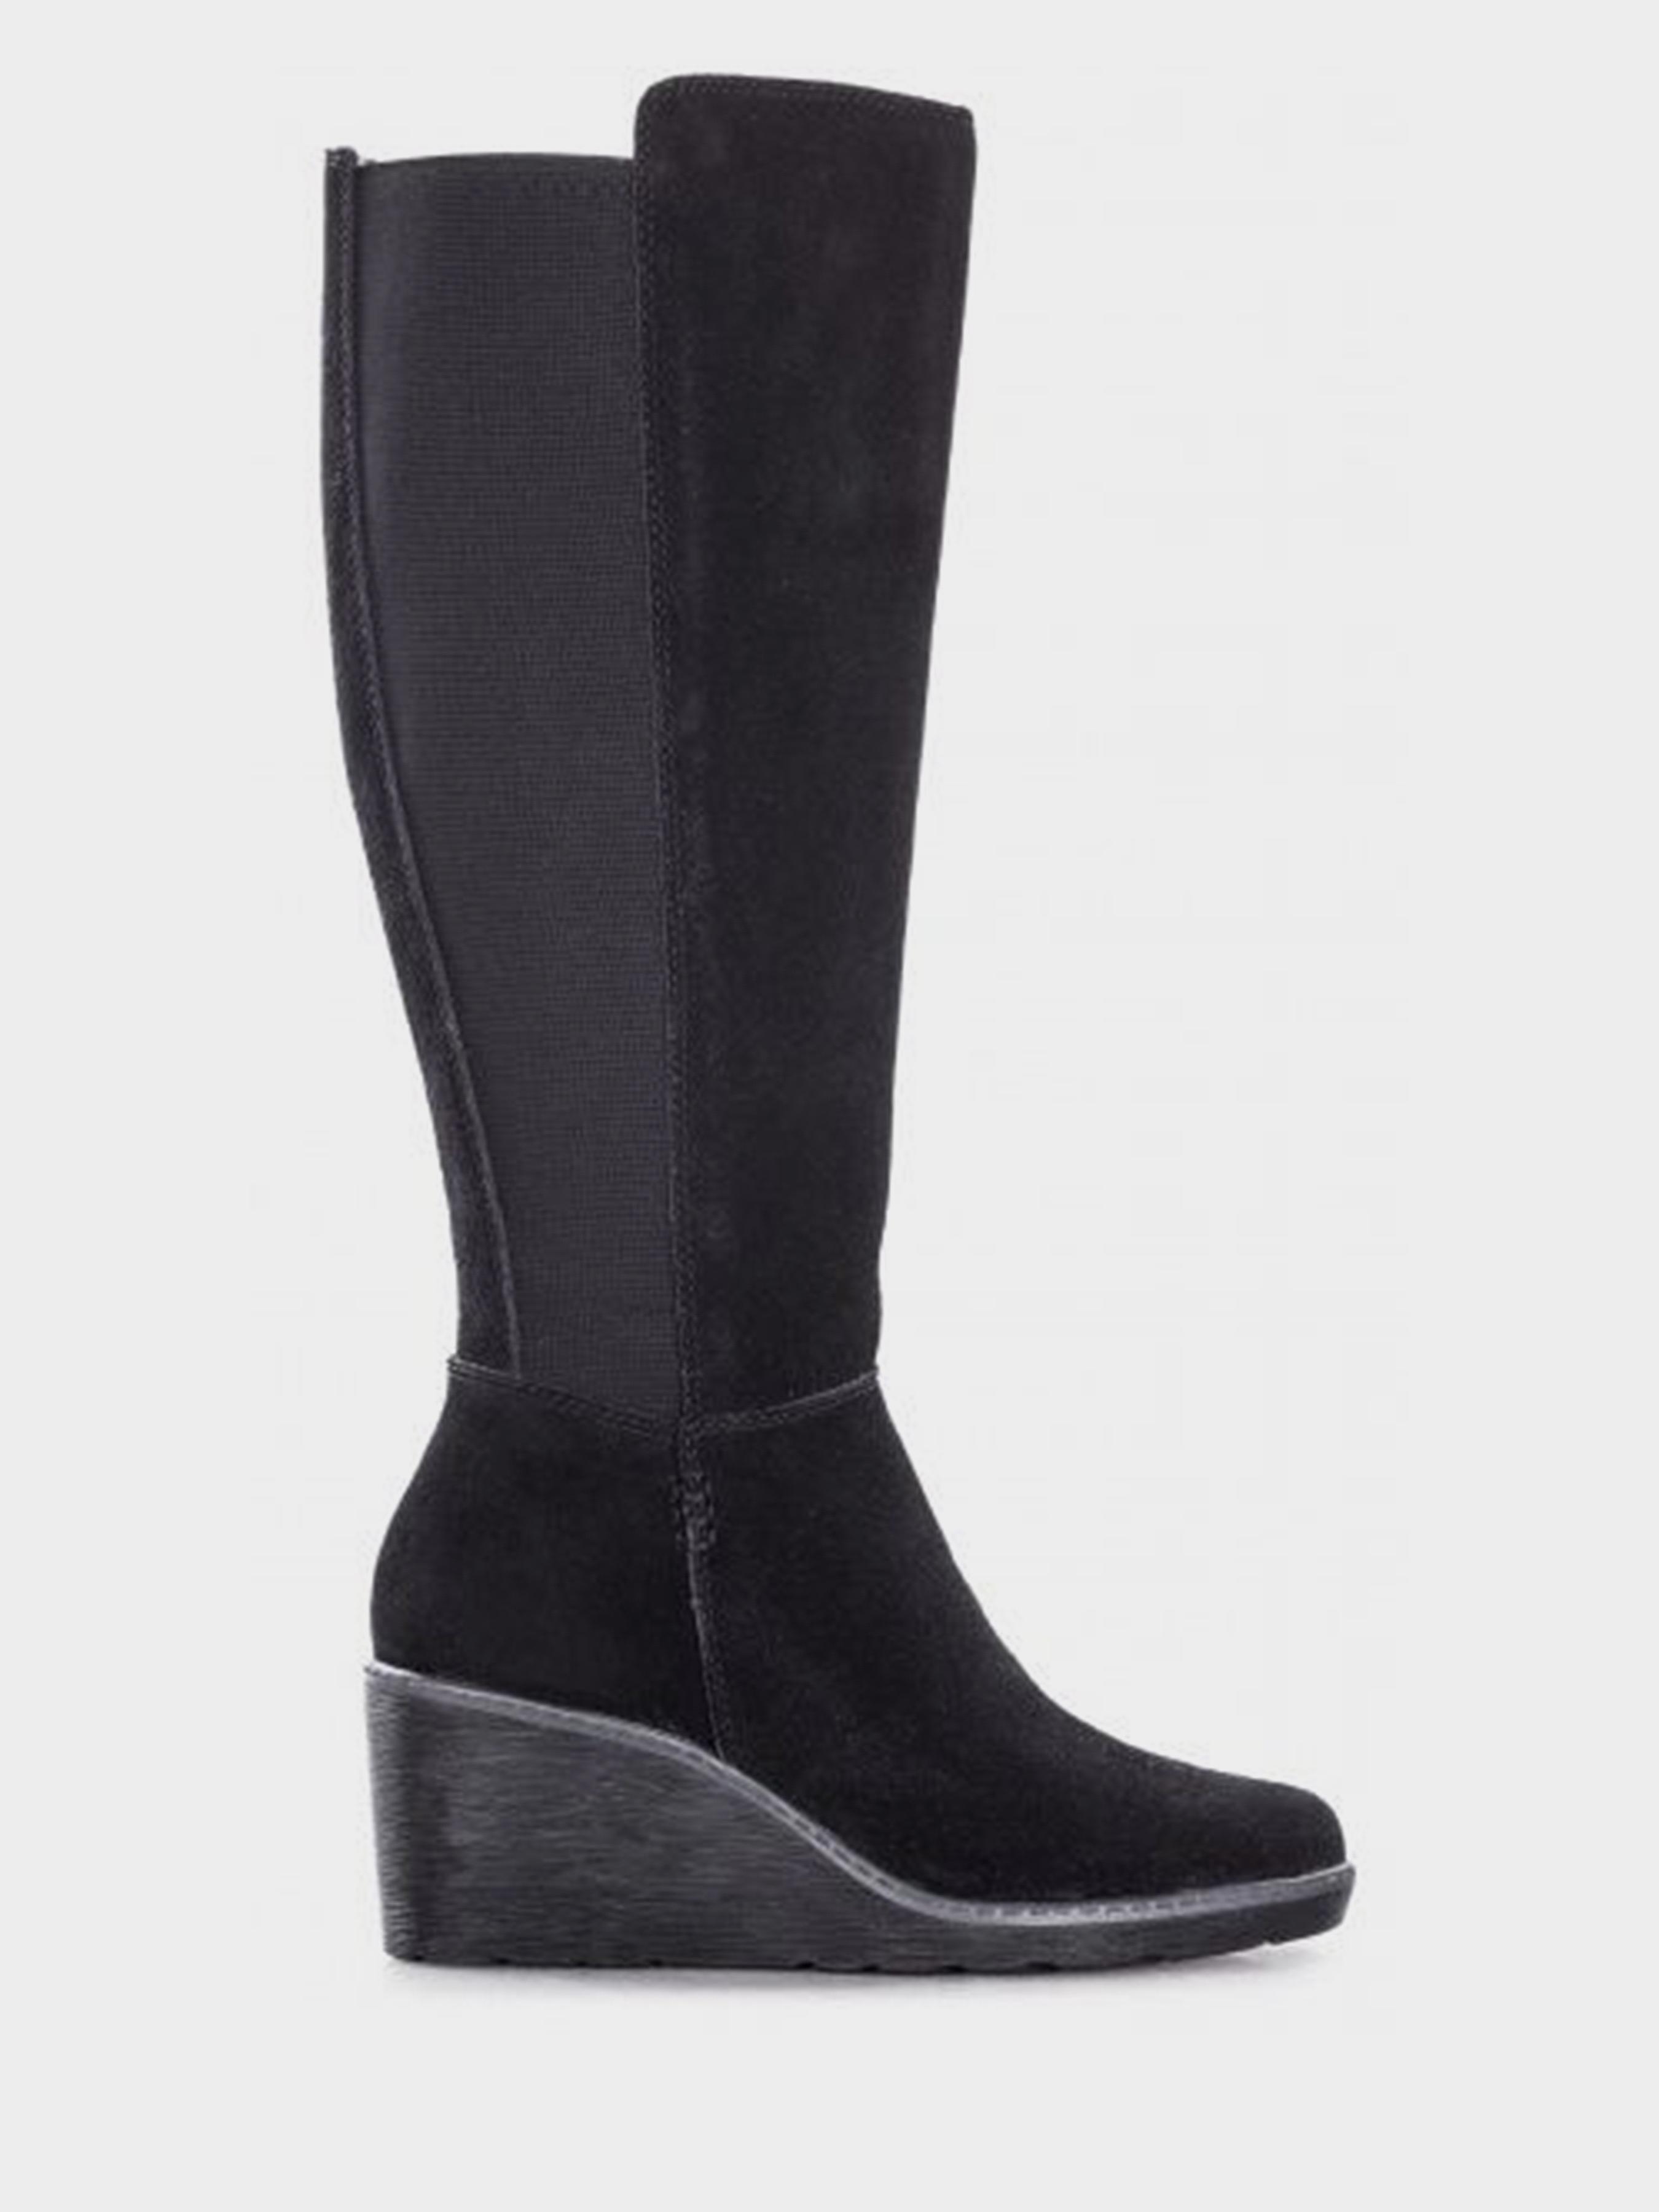 Купить Ботинки женские Clarks черевики жін. (2-9, 5) OW4283, Черный